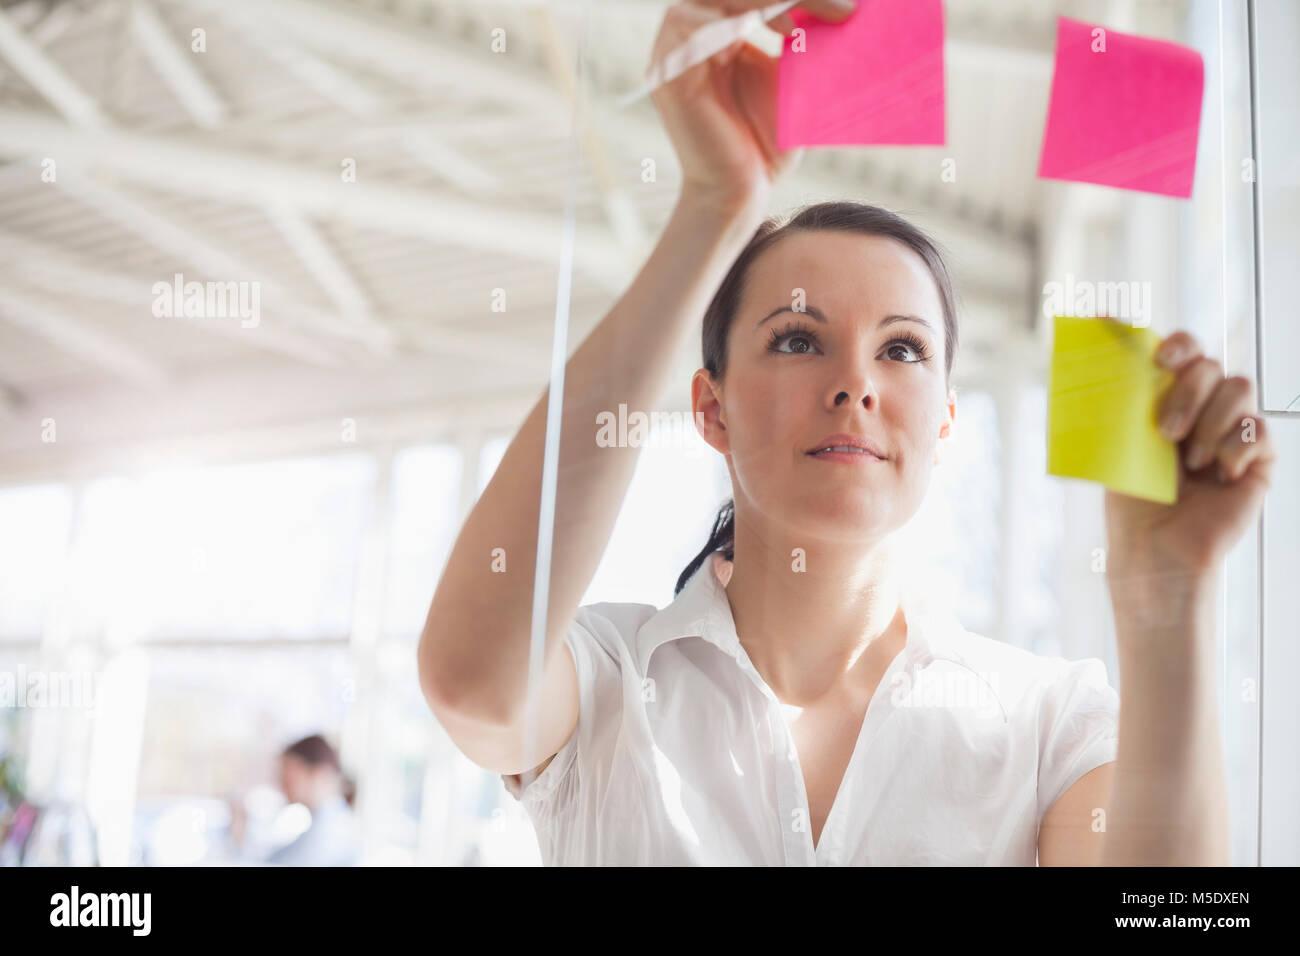 Bella giovane imprenditrice mettendo note adesive sulla parete di vetro in office Immagini Stock